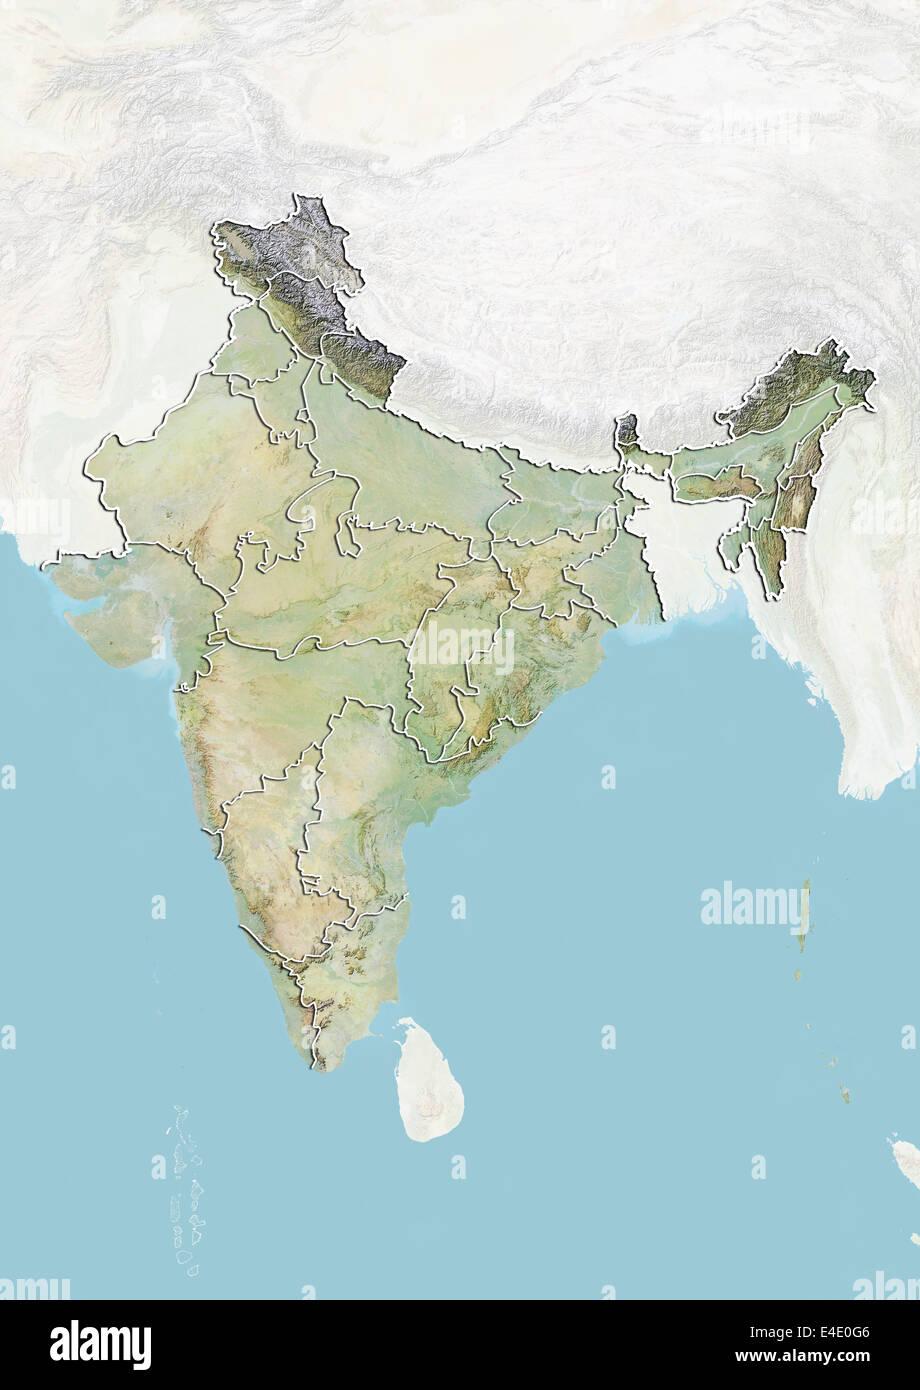 Carte De Linde Relief.L Inde Carte En Relief Avec Les Frontieres Des Etats Banque